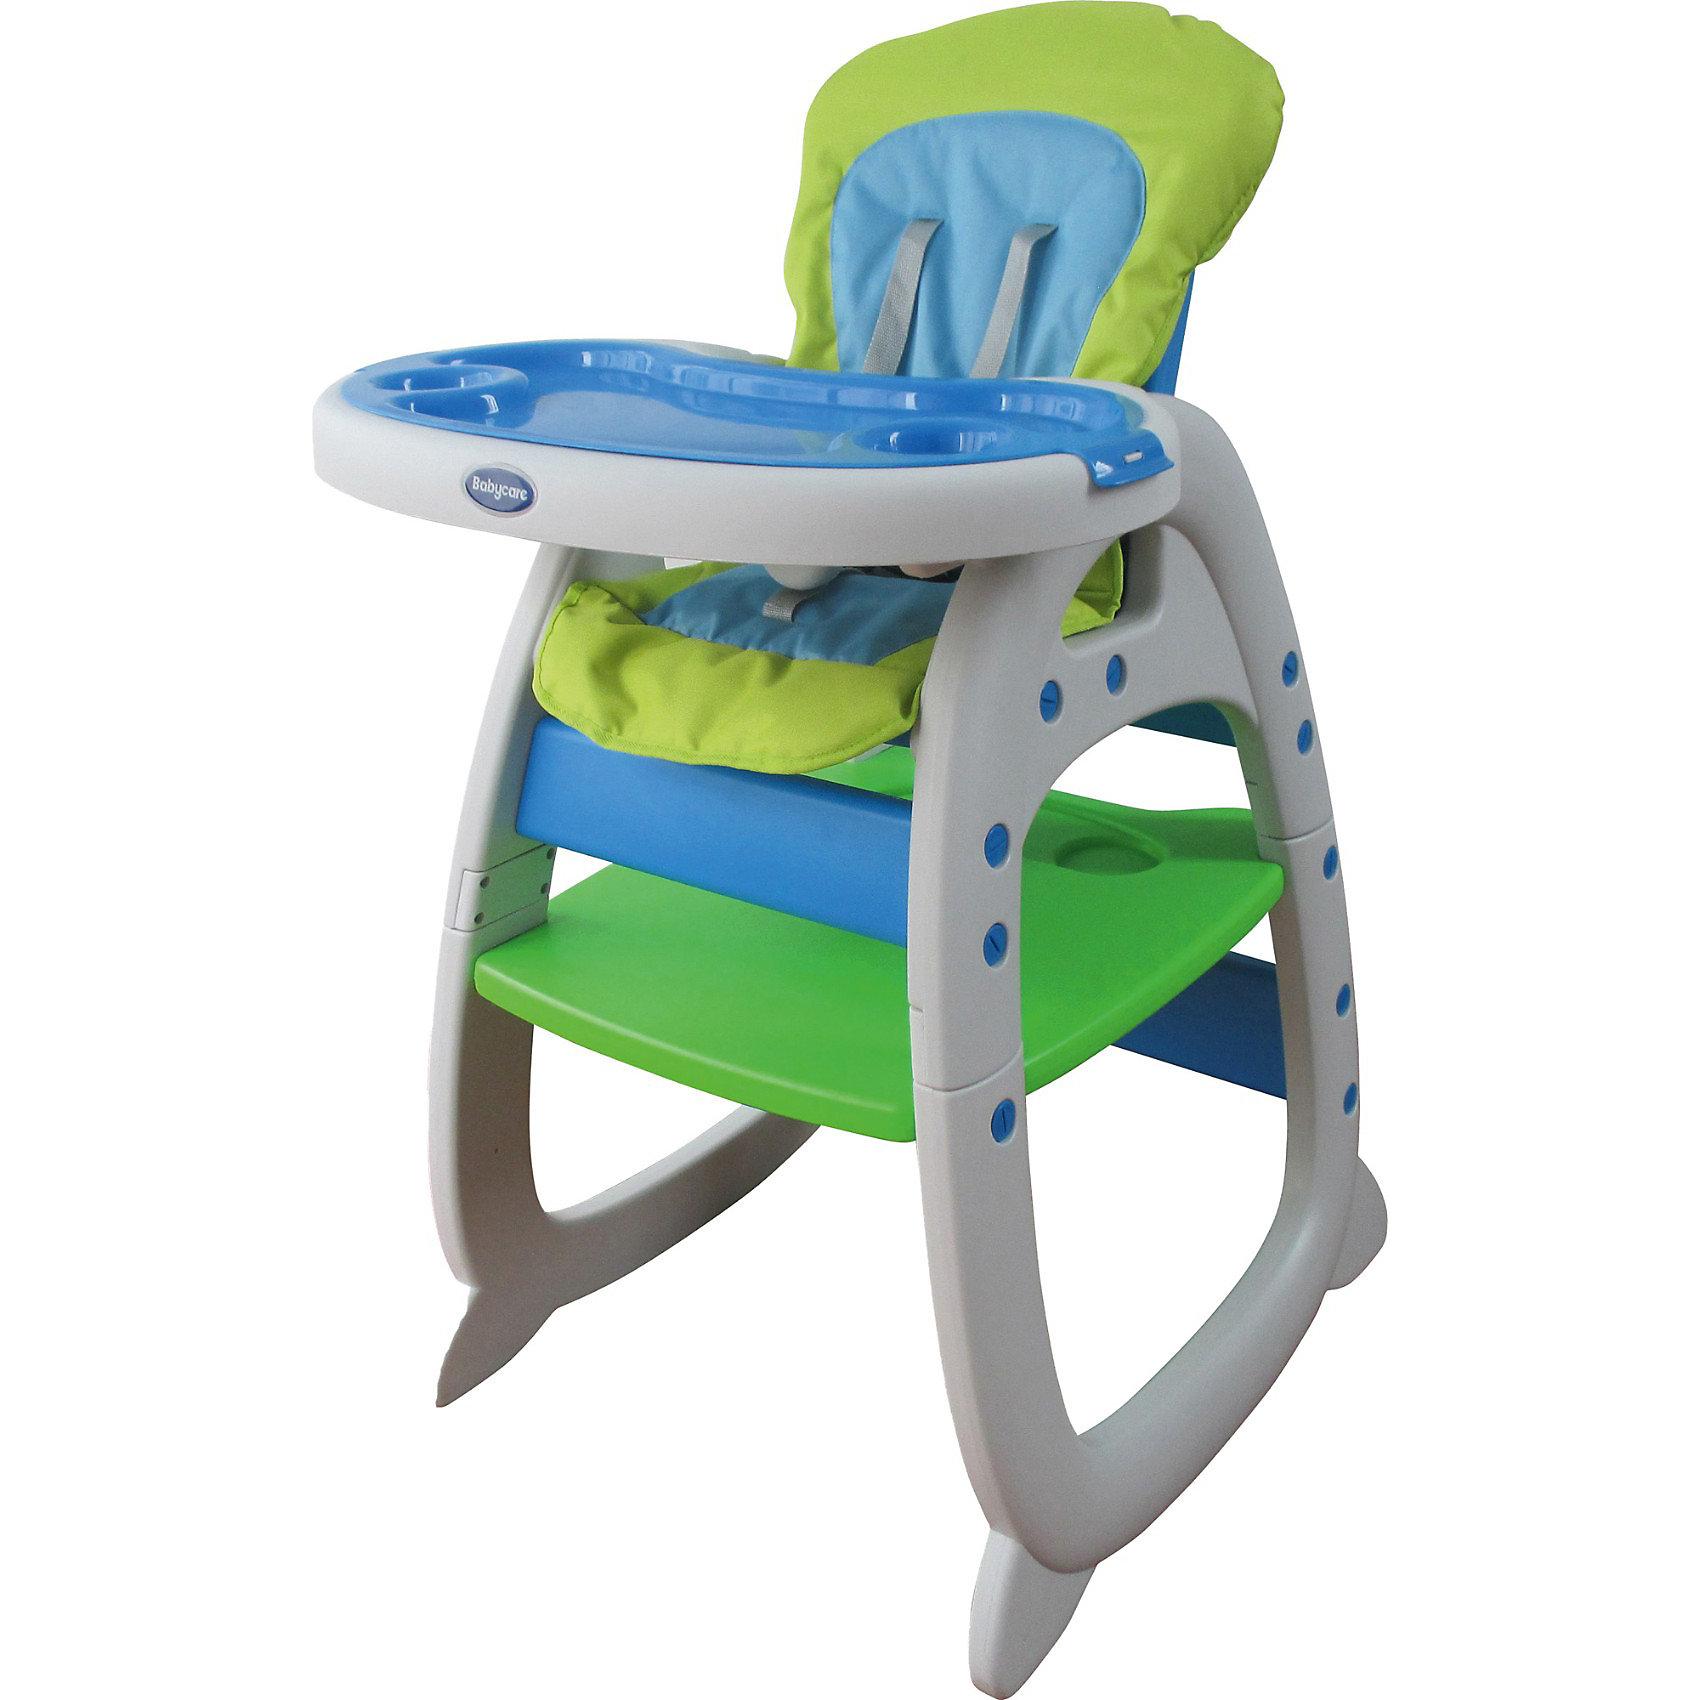 Стульчик-трансформер O-ZONE, Baby Care, зеленыйBaby Care Ozone – функциональный стульчик для кормления 2 в 1, способный легко трансформироваться в стульчик с партой. Необычный сказочный дизайн и яркие цветовые решения безусловно понравятся малышу. Стульчик не снабжен колесами, но основание выполнено таким образом, что он может прекрасно скользить по плитке и линолеуму.<br><br>Дополнительная информация:<br><br>Вес стульчика: 7,6 кг;<br>Размер стульчика в собранном состоянии: 65,5х72х106 см;<br>Материал: нетоксичная пластмасса и мягкое моющееся покрытие;<br>Стульчик для кормления может трансформироваться в стульчик с партой (в комплекте есть столешница);<br>3 положения наклона спинки;<br>3 положения глубины столешницы;<br>съемный вкладыш-поднос;<br>5-ти точечные ремни безопасности.<br><br>Стульчик-трансформер O-ZONE, Baby Care, зеленый можно купить в нашем магазине.<br><br>Ширина мм: 660<br>Глубина мм: 270<br>Высота мм: 550<br>Вес г: 8700<br>Цвет: зеленый<br>Возраст от месяцев: 6<br>Возраст до месяцев: 36<br>Пол: Унисекс<br>Возраст: Детский<br>SKU: 3872047